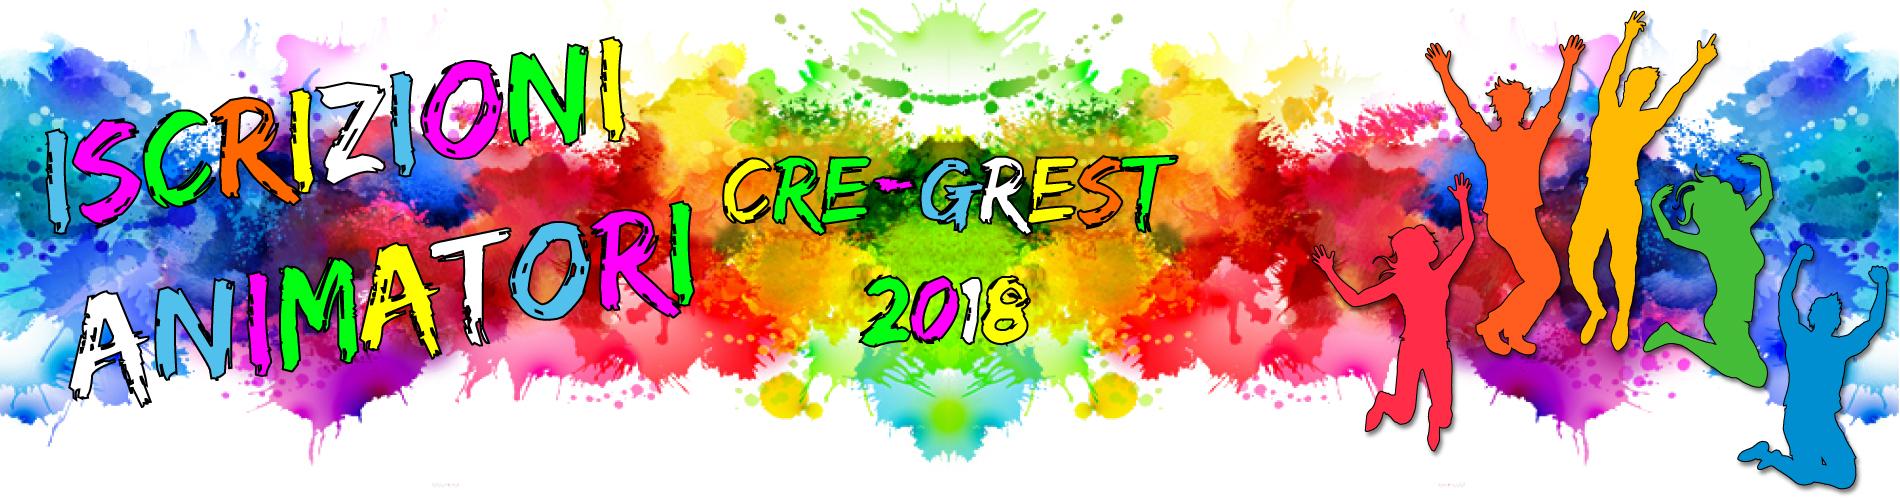 Iscrizioni Animatori Cre-Grest 2018